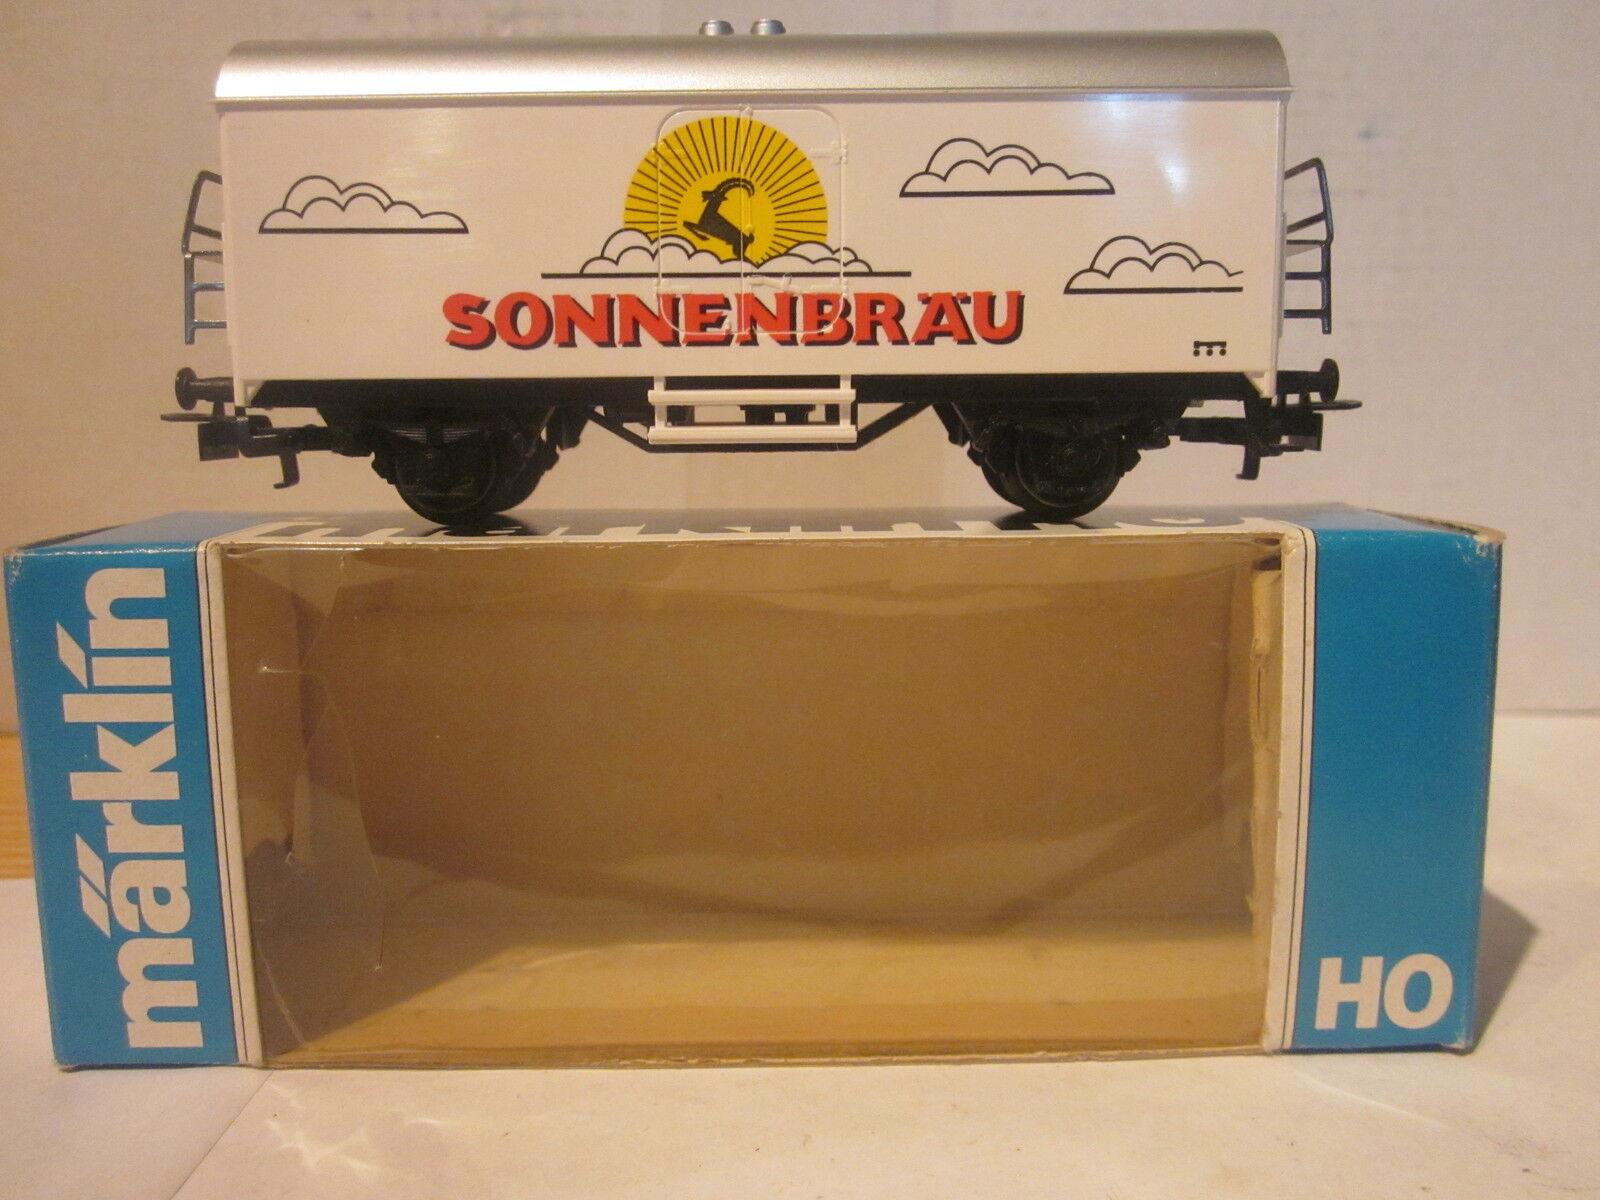 Märklin somo carro de cerveza  sonnenbräu  top + embalaje orig. por favor leer